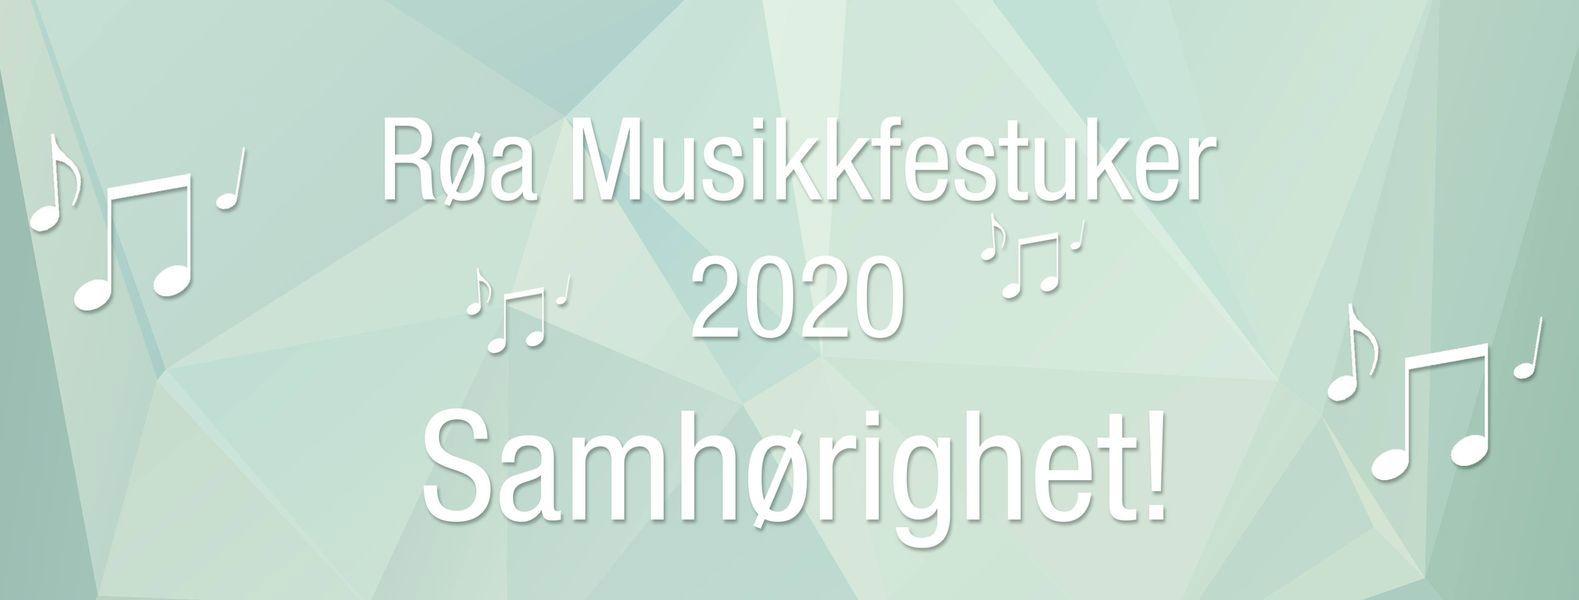 Røa musikkfestuker 2020.jpg